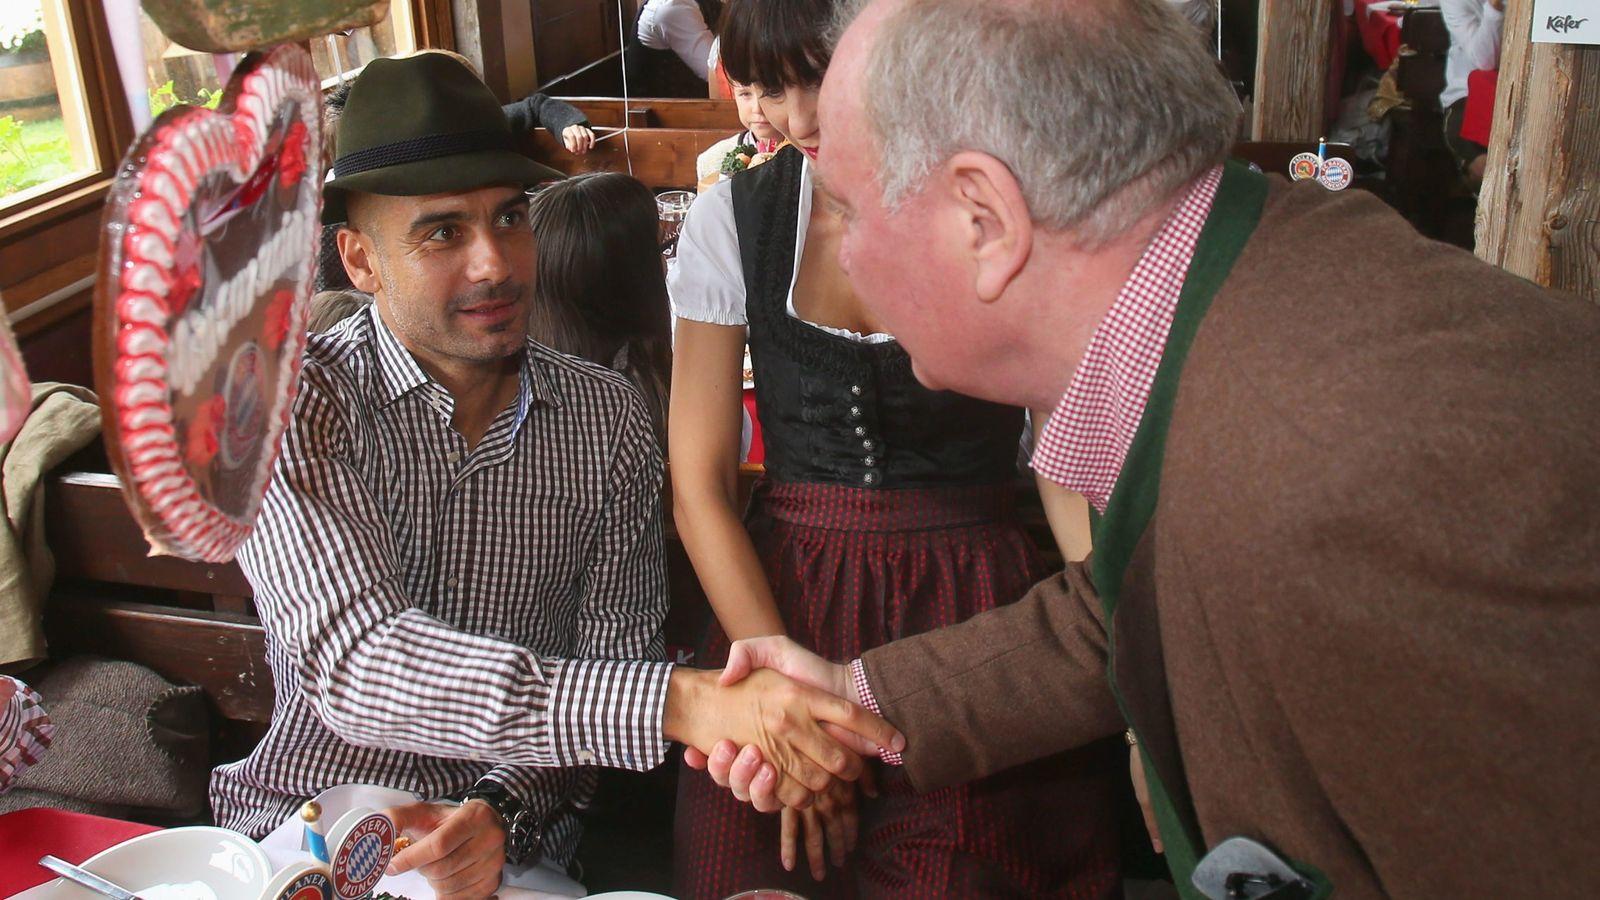 Foto: Hoeness saluda a Pep Guardiola, vestido con el traje típico de Baviera (Efe)